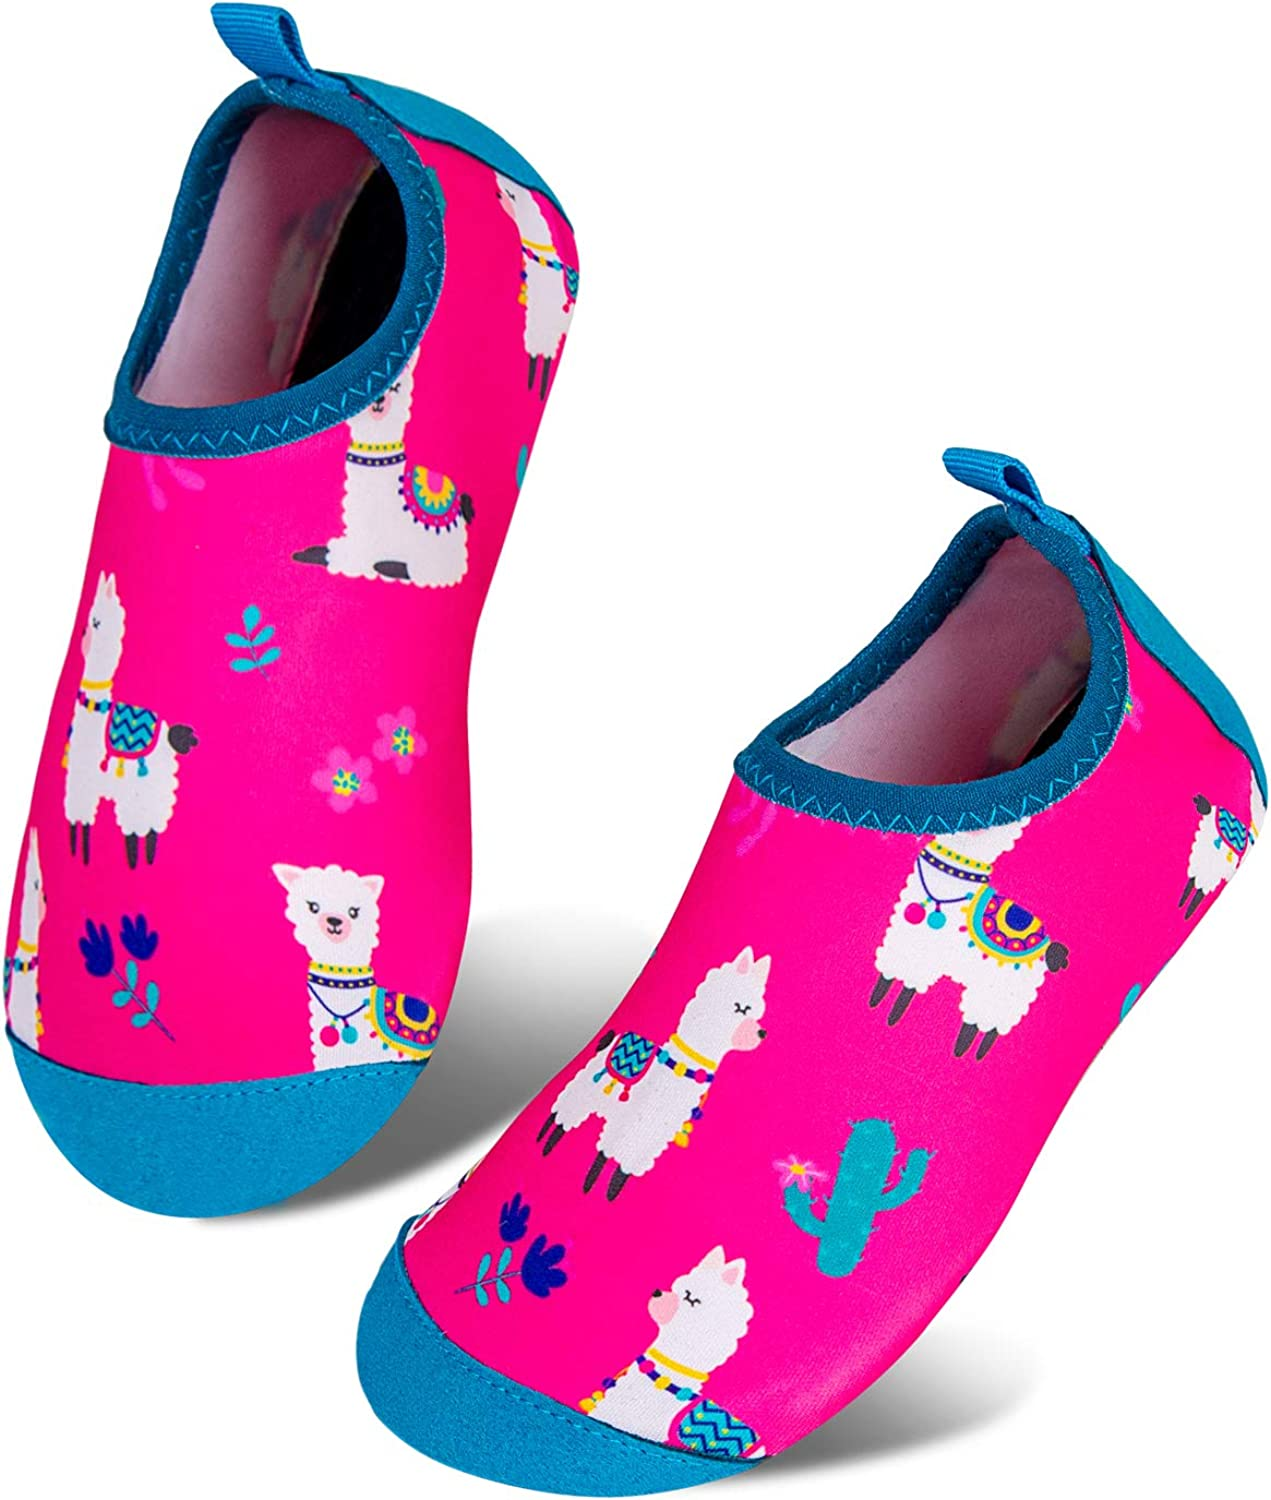 Calcetines de Piscina de Secado r/ápido Antideslizantes para ni/ños y ni/ñas Surf Yoga jard/ín ni/ños Descalzos Zapatos de Playa o Zapatos para Deportes acu/áticos